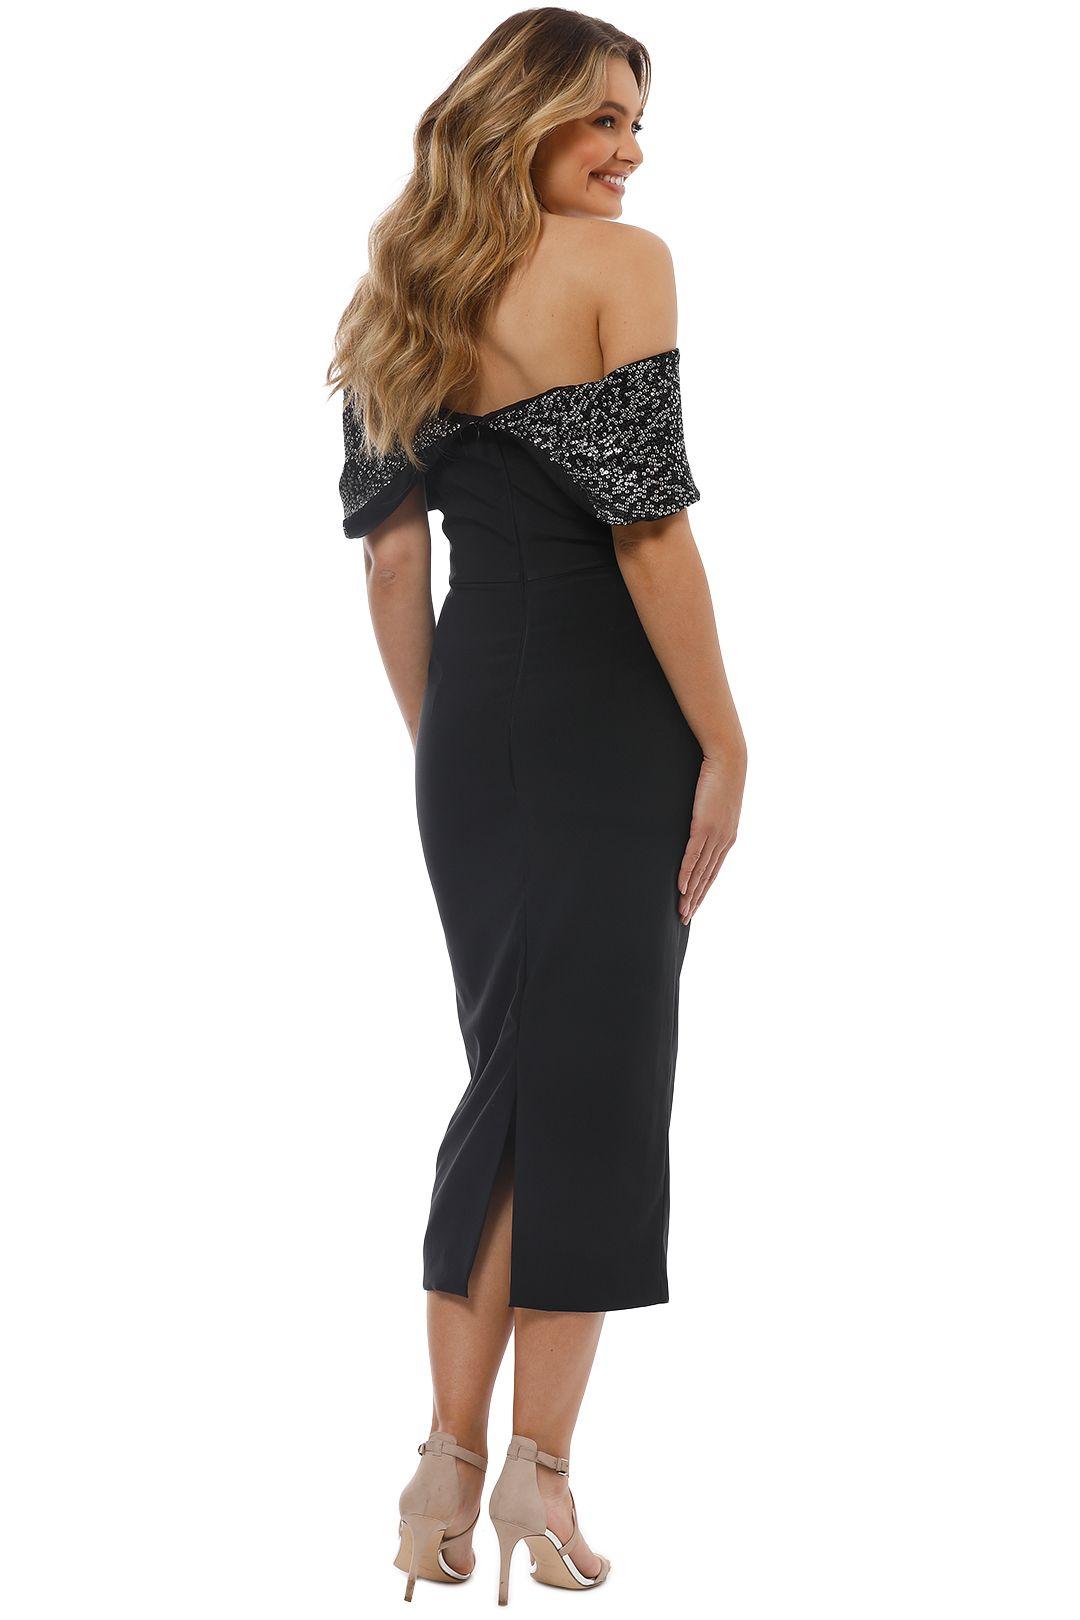 Unspoken - Camille Off Shoulder Dress - Black - Back